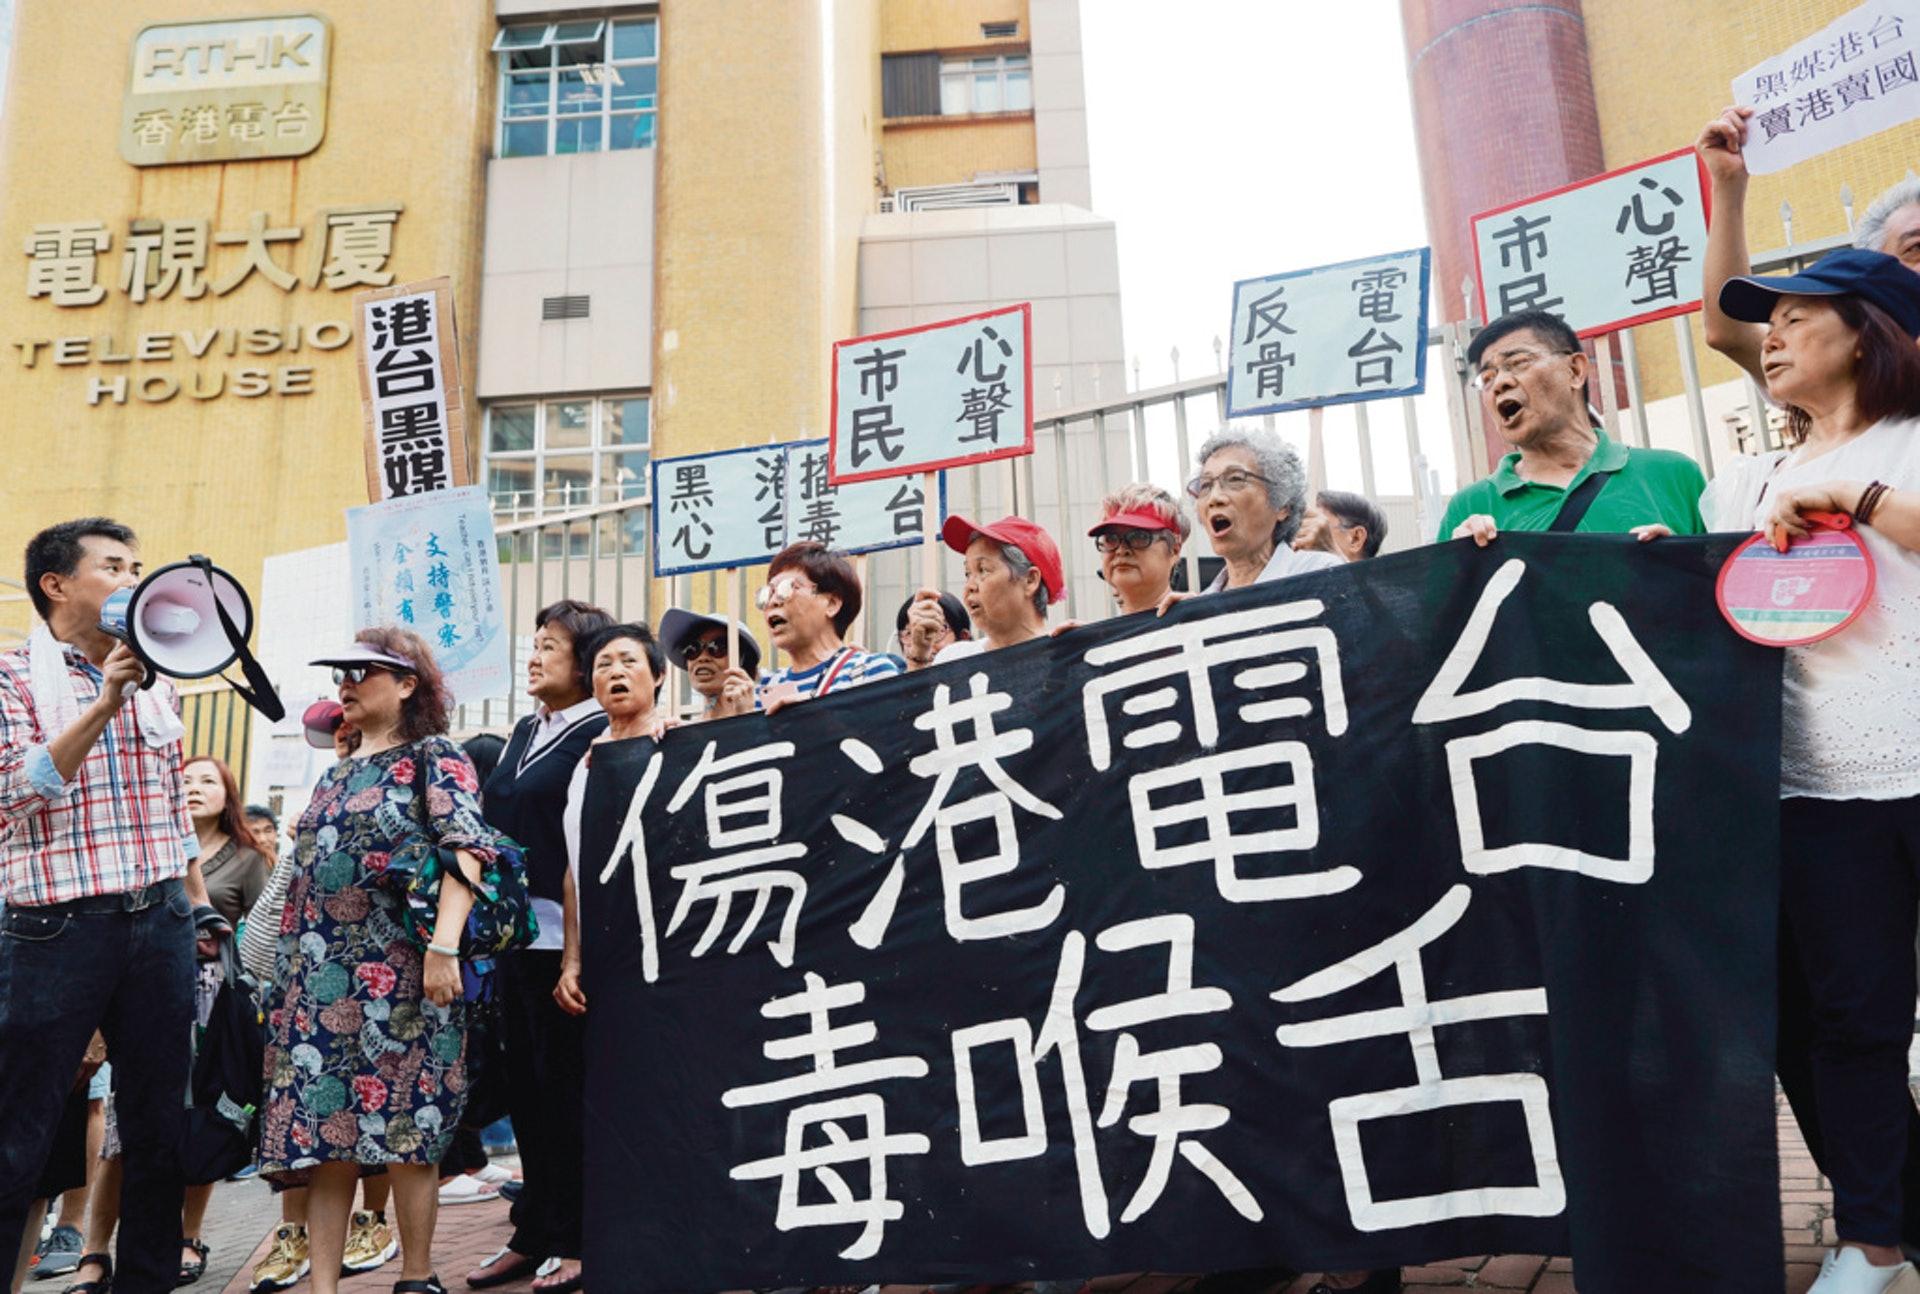 港台近年不時捲入政治爭拗,有市民曾到港台電視大廈示威,抗議抹黑政府。(資料圖片/余俊亮攝)